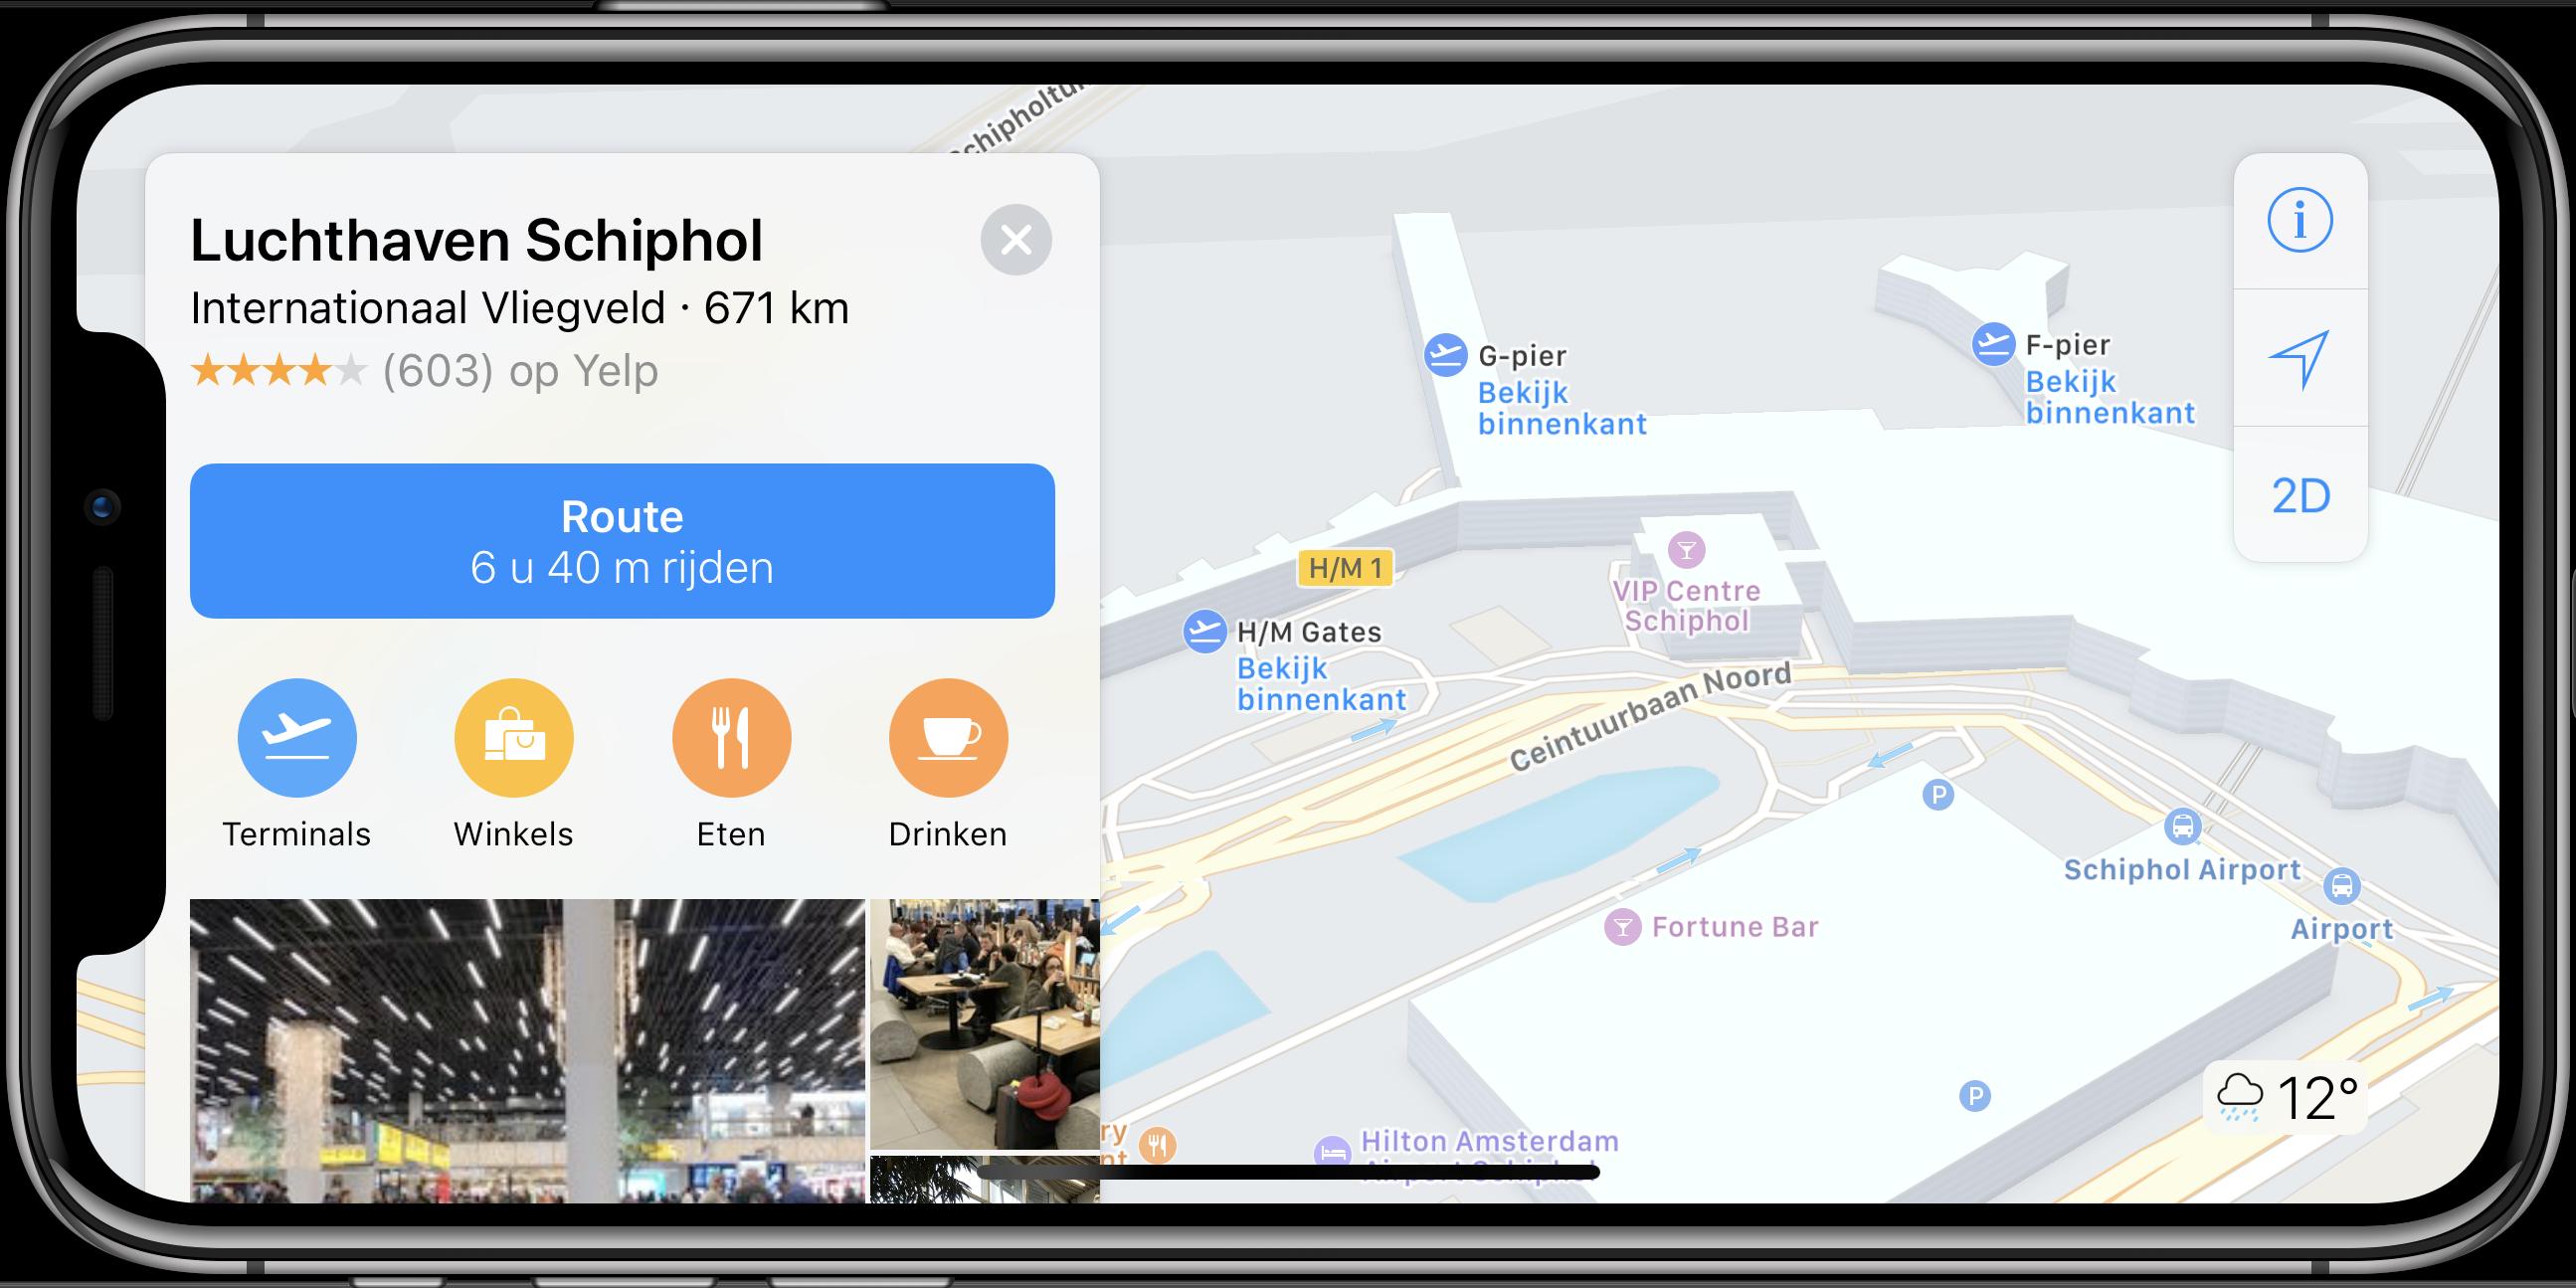 iPhone indoor navigatie schiphol